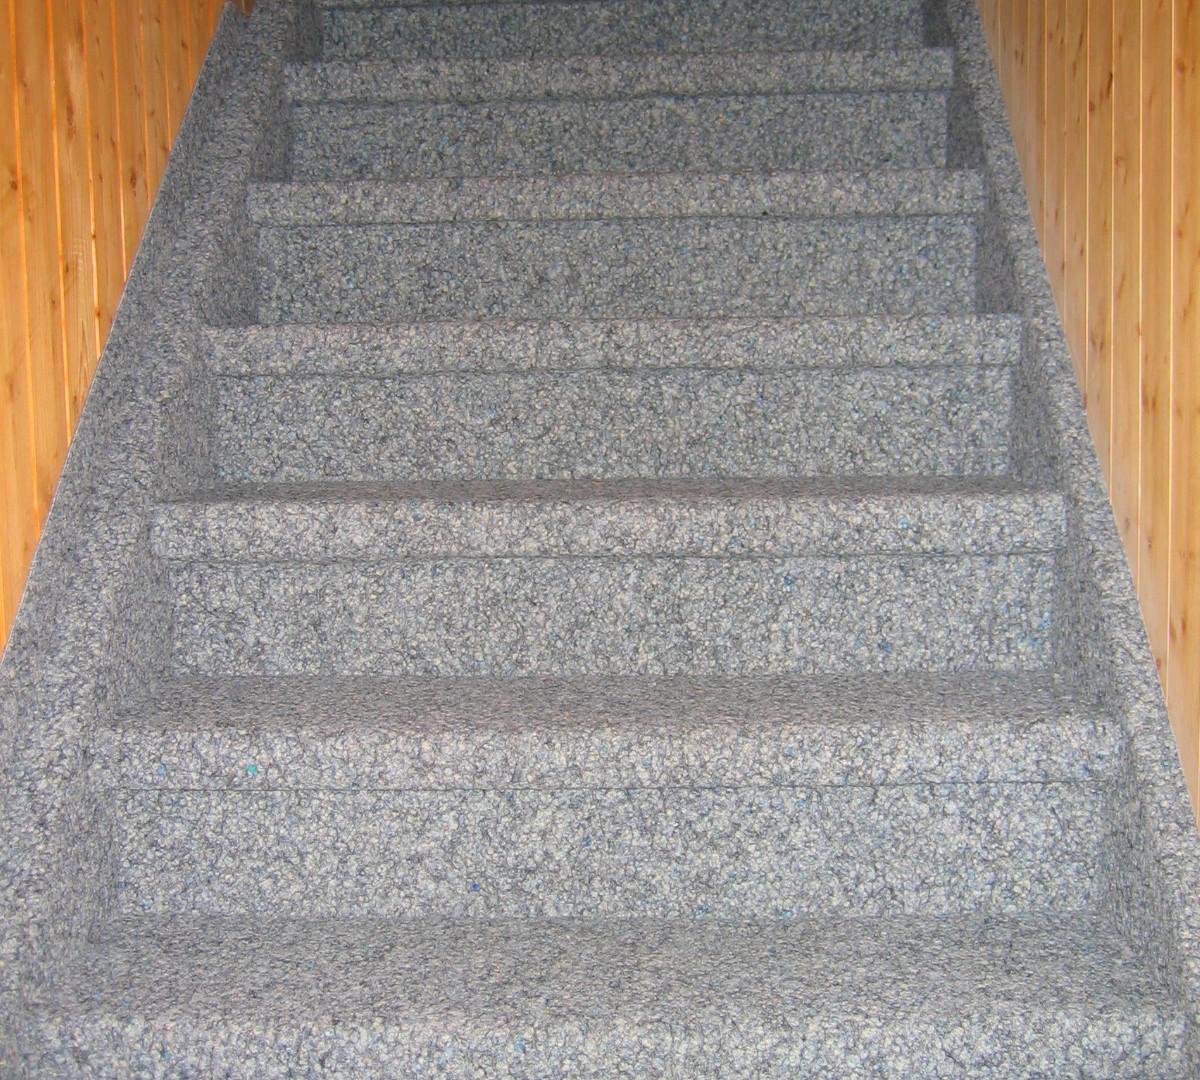 Treppe mit Kugelgarn, Ruch Bodenbeläge GmbH